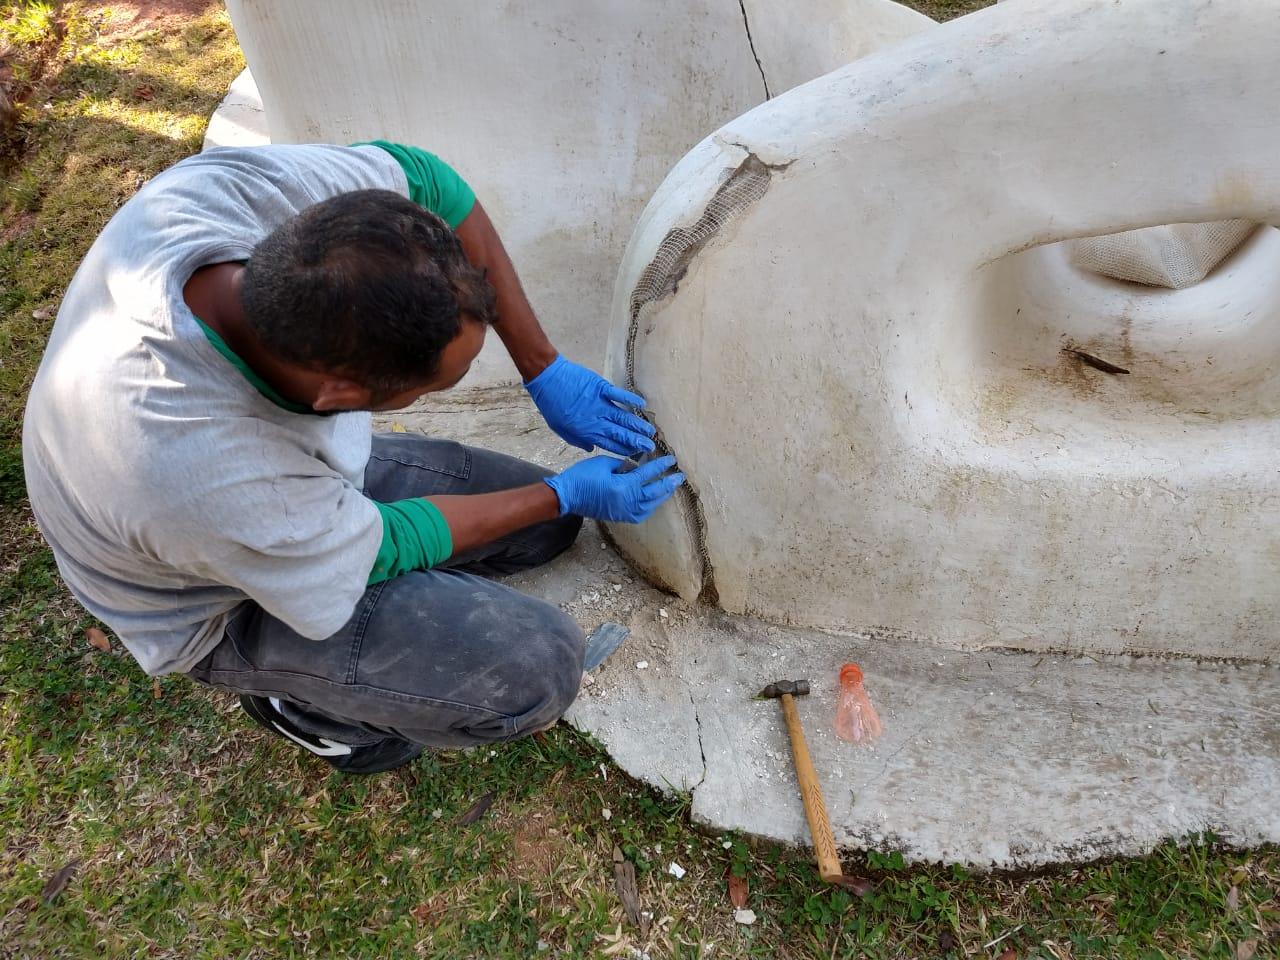 Restauro da escultura Bichos